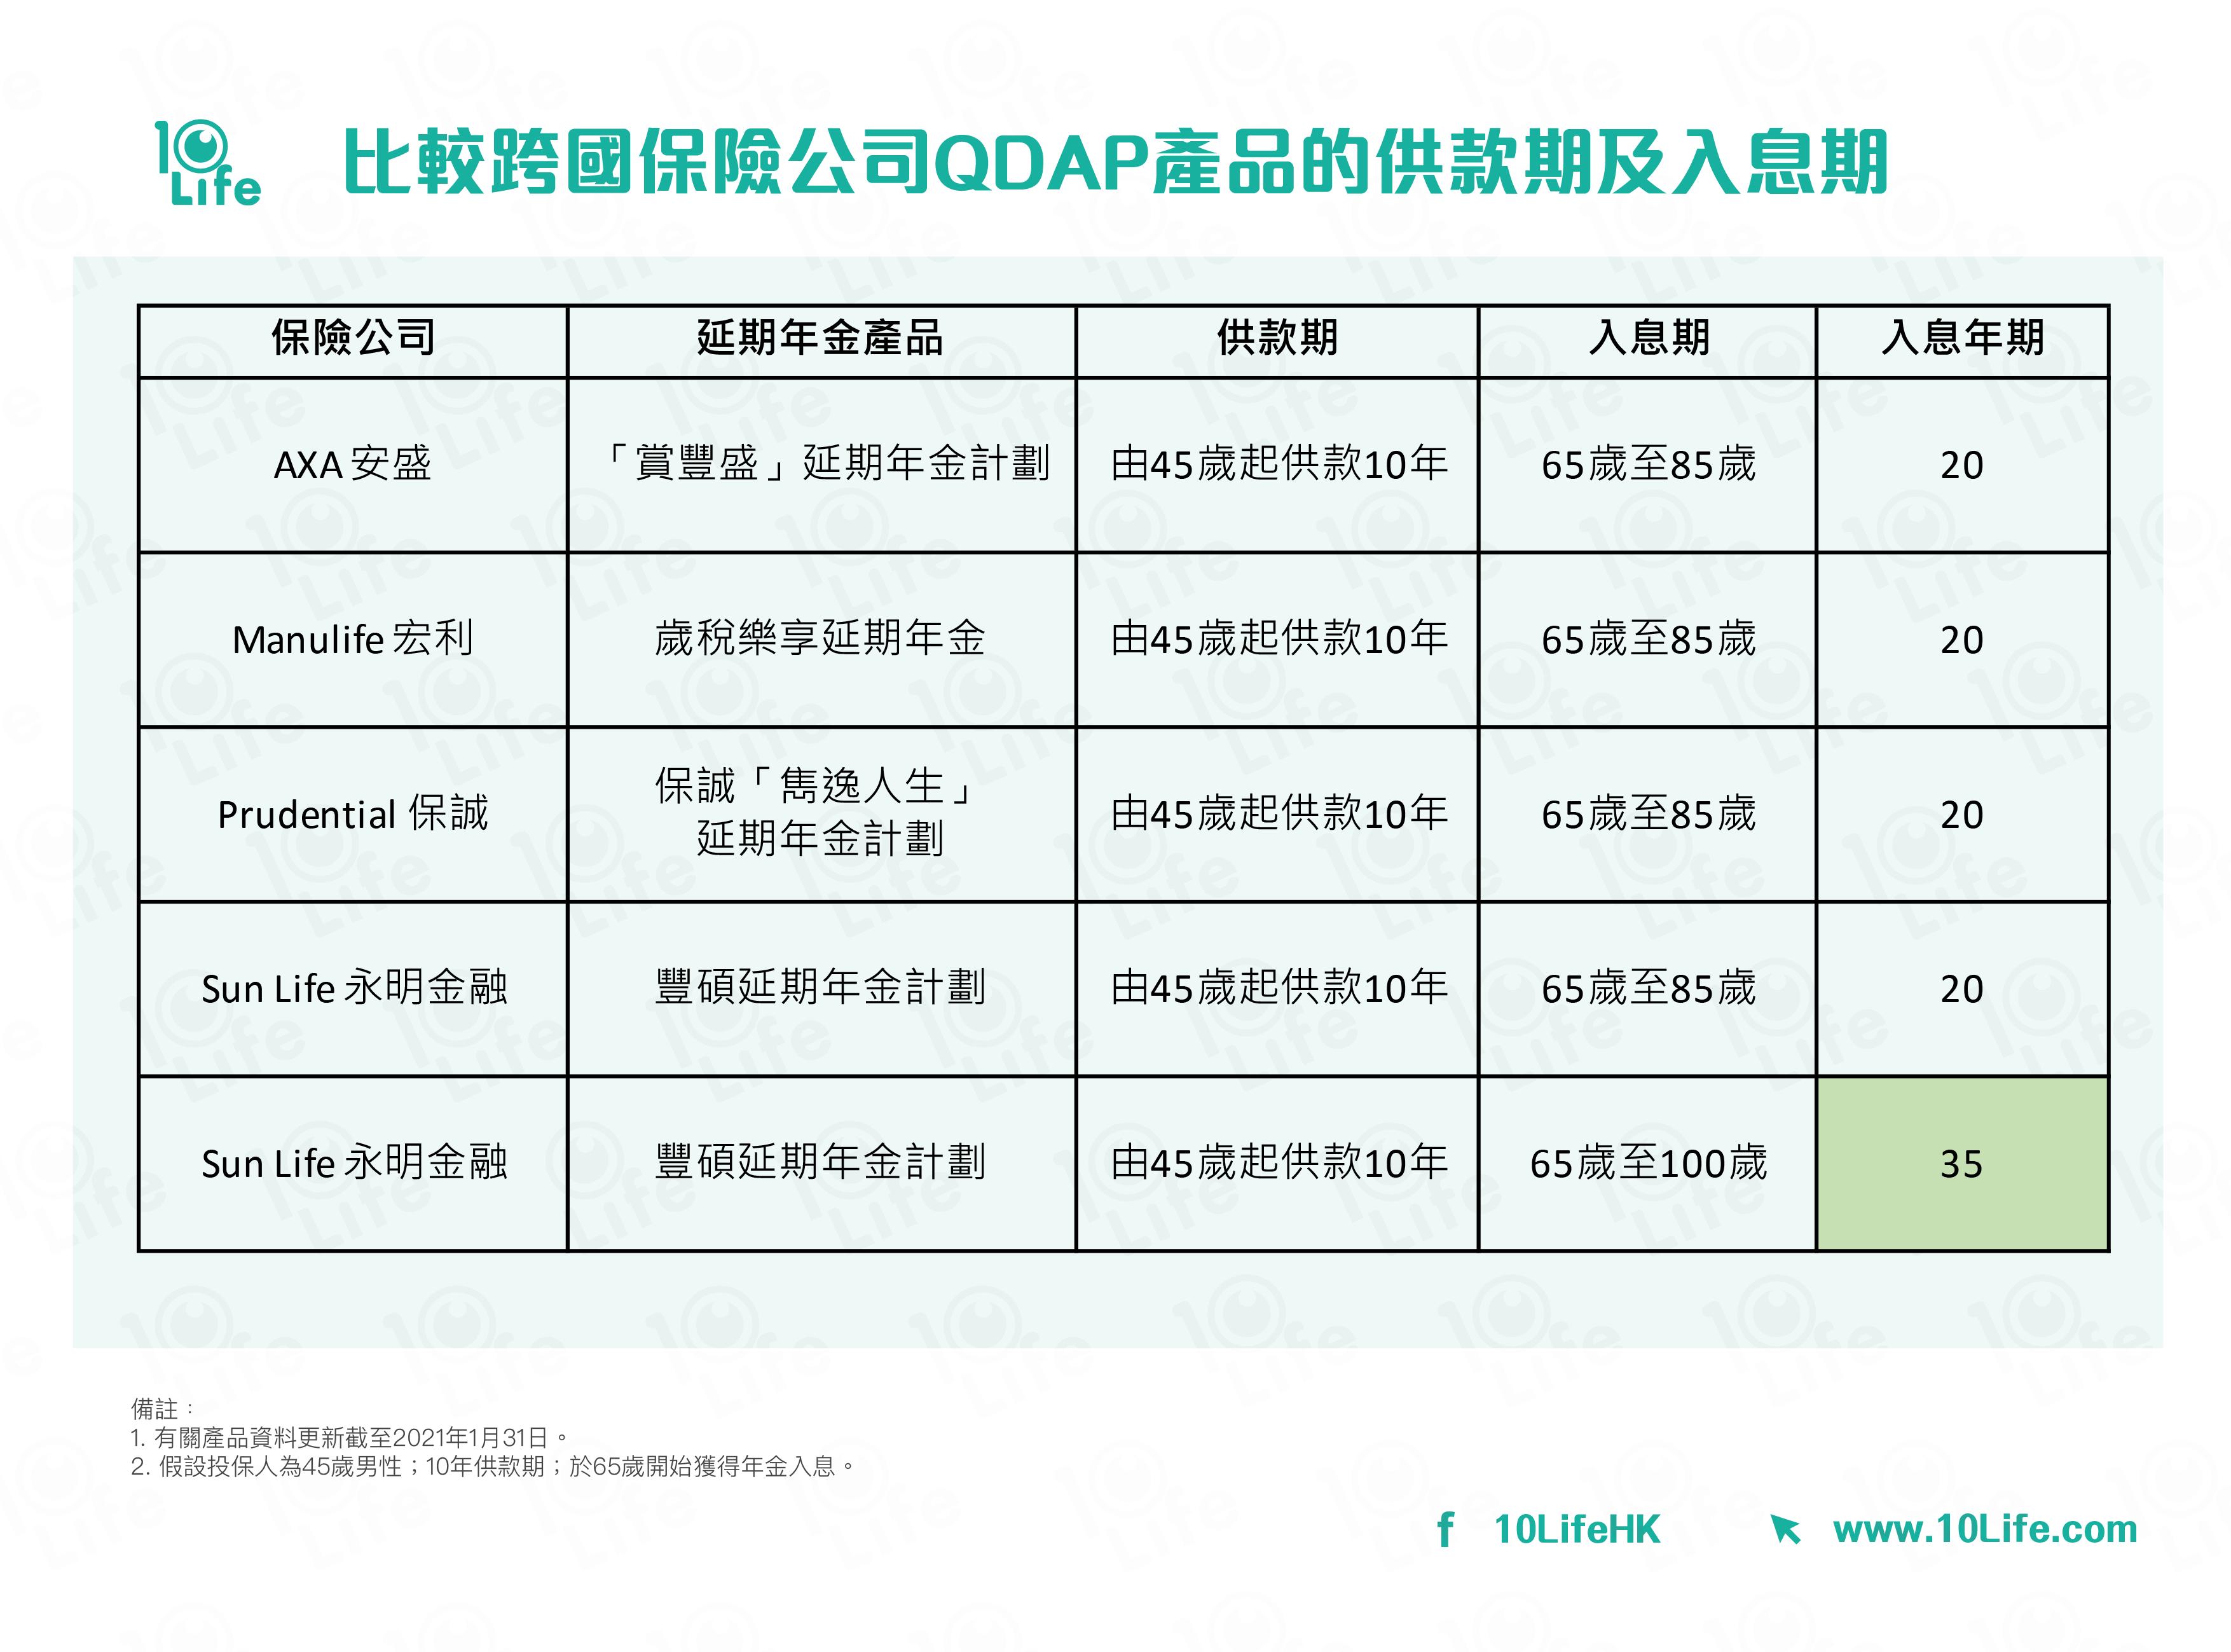 比較跨國保險公司QDAP產品的供款期及入息期:AXA 安盛; Manulife 宏利; Prudential 保誠;  Sun Life 永明金融